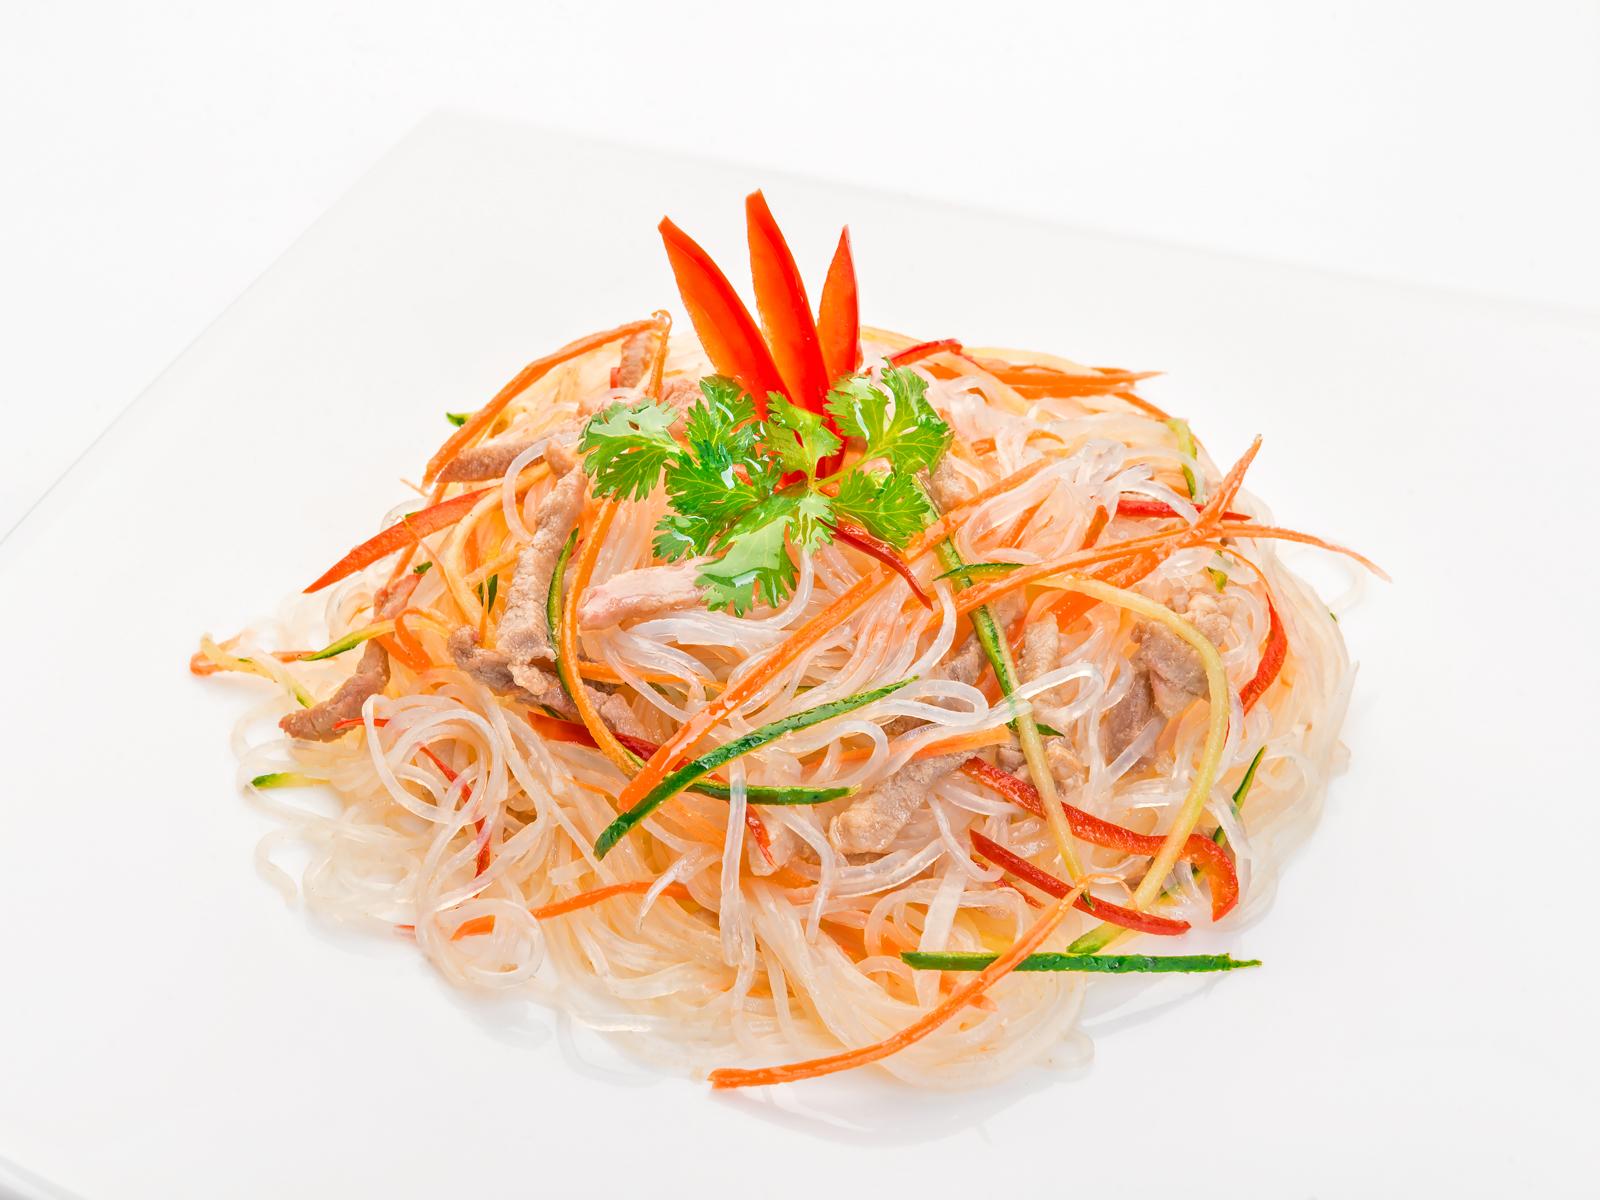 Салат с рисовой лапшой, мясом и овощами